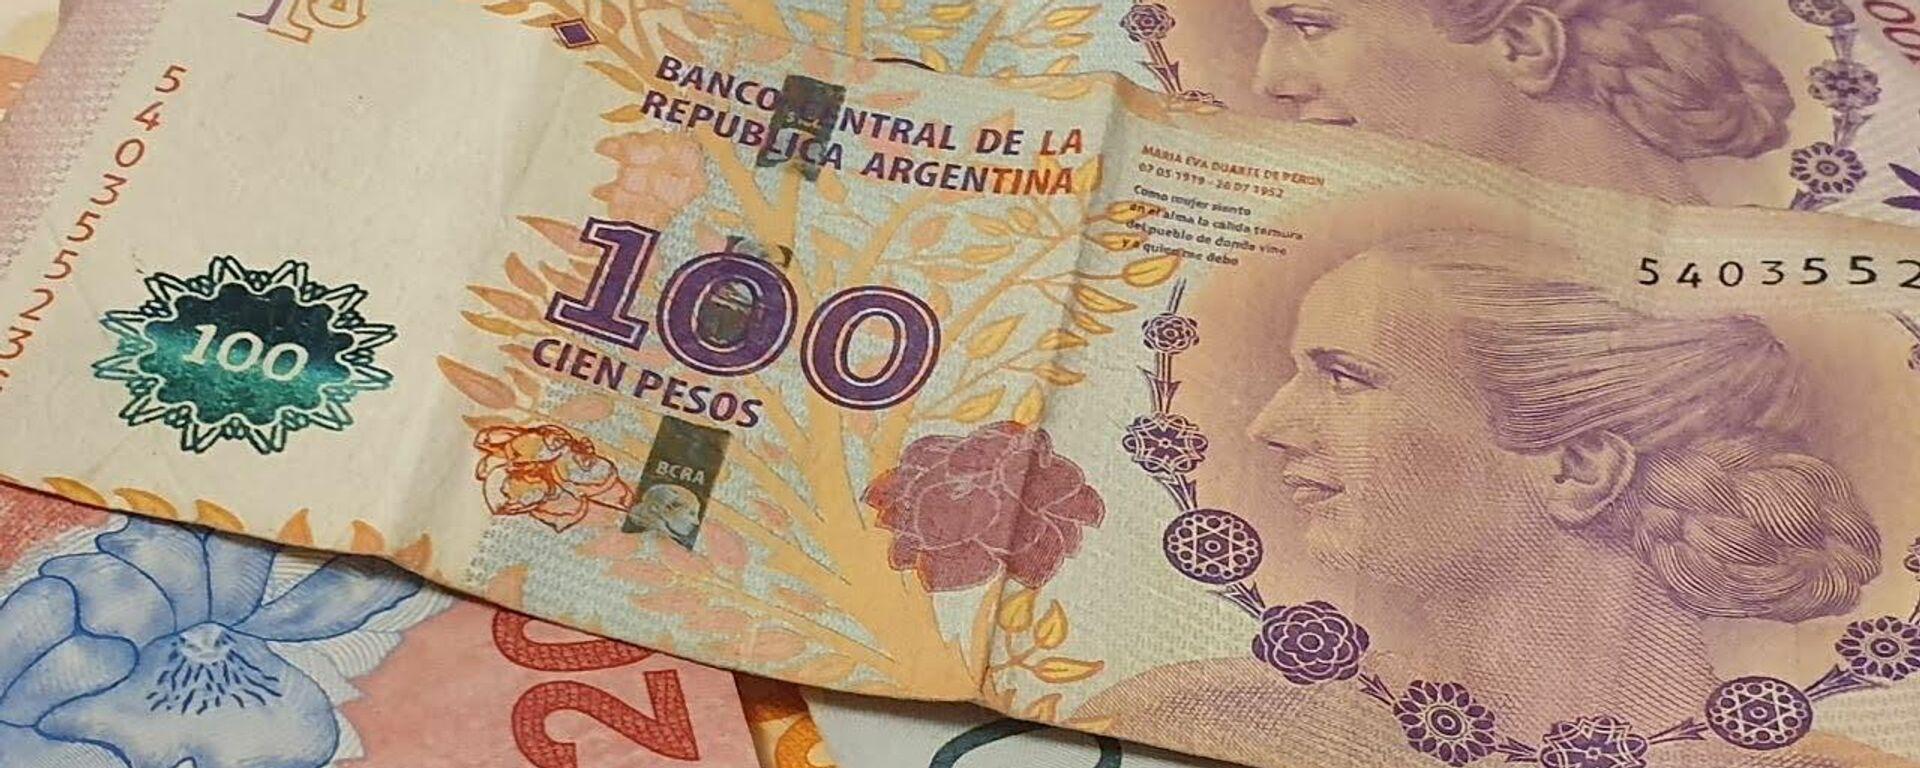 Pesos argentinos - Sputnik Mundo, 1920, 22.09.2021